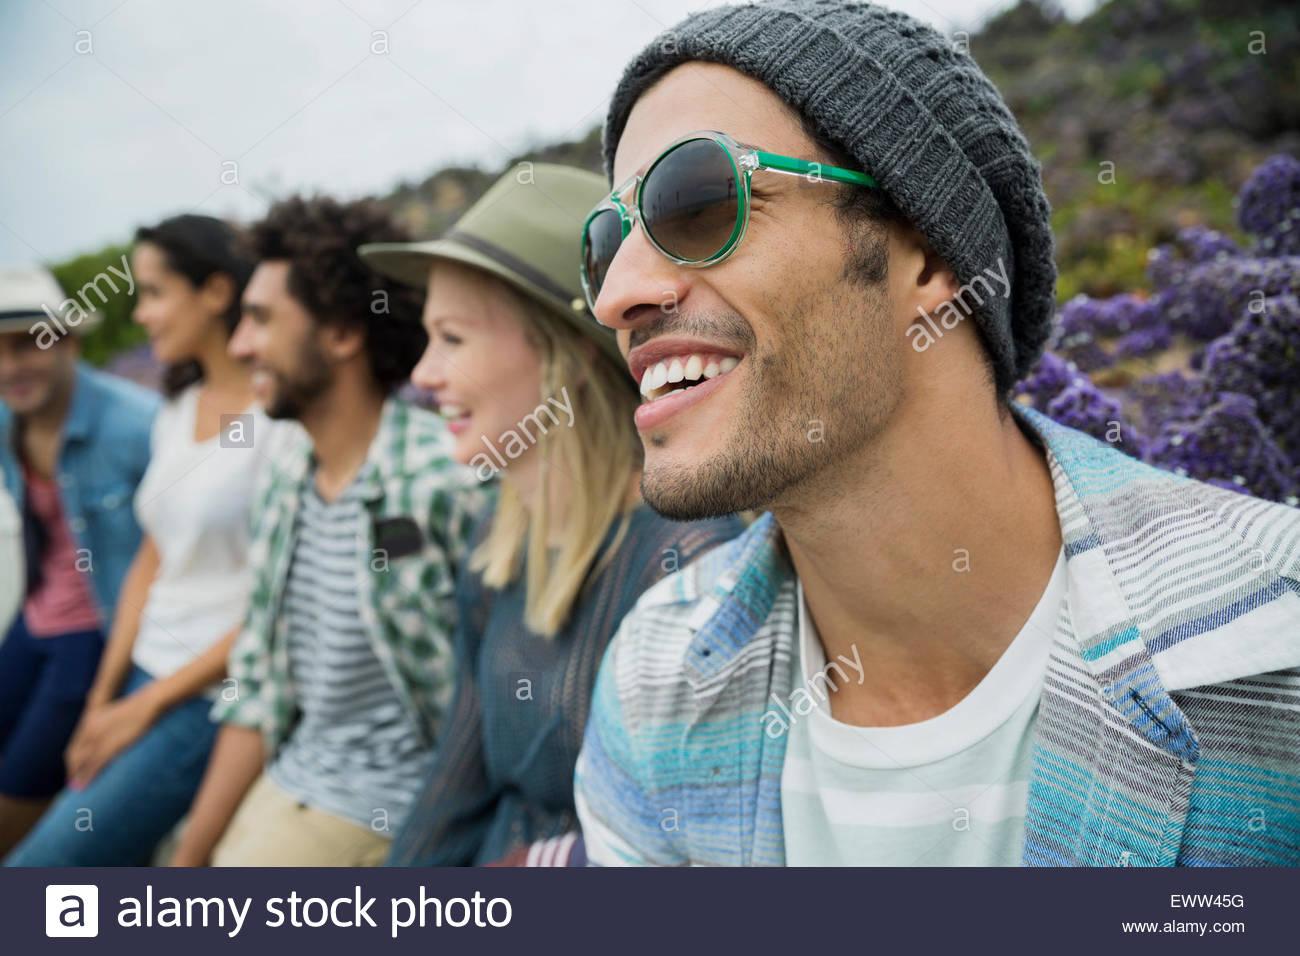 Amigos sonriente sentado en una fila Imagen De Stock